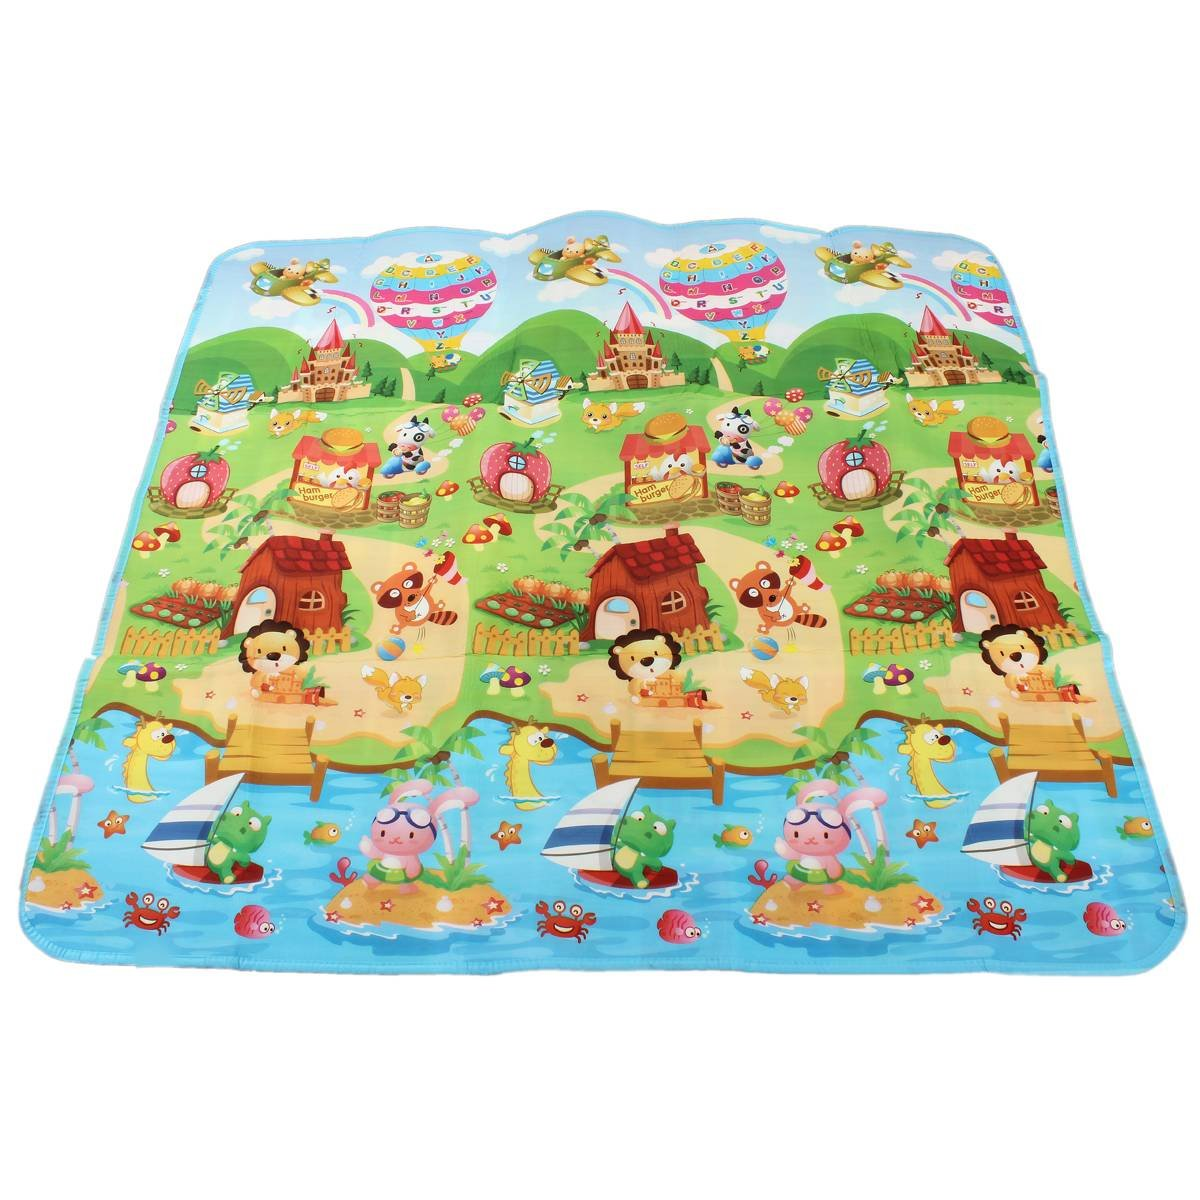 Baby Crawl Mat Kids Play mat Toddler Playing Carpet Picnic Blanket